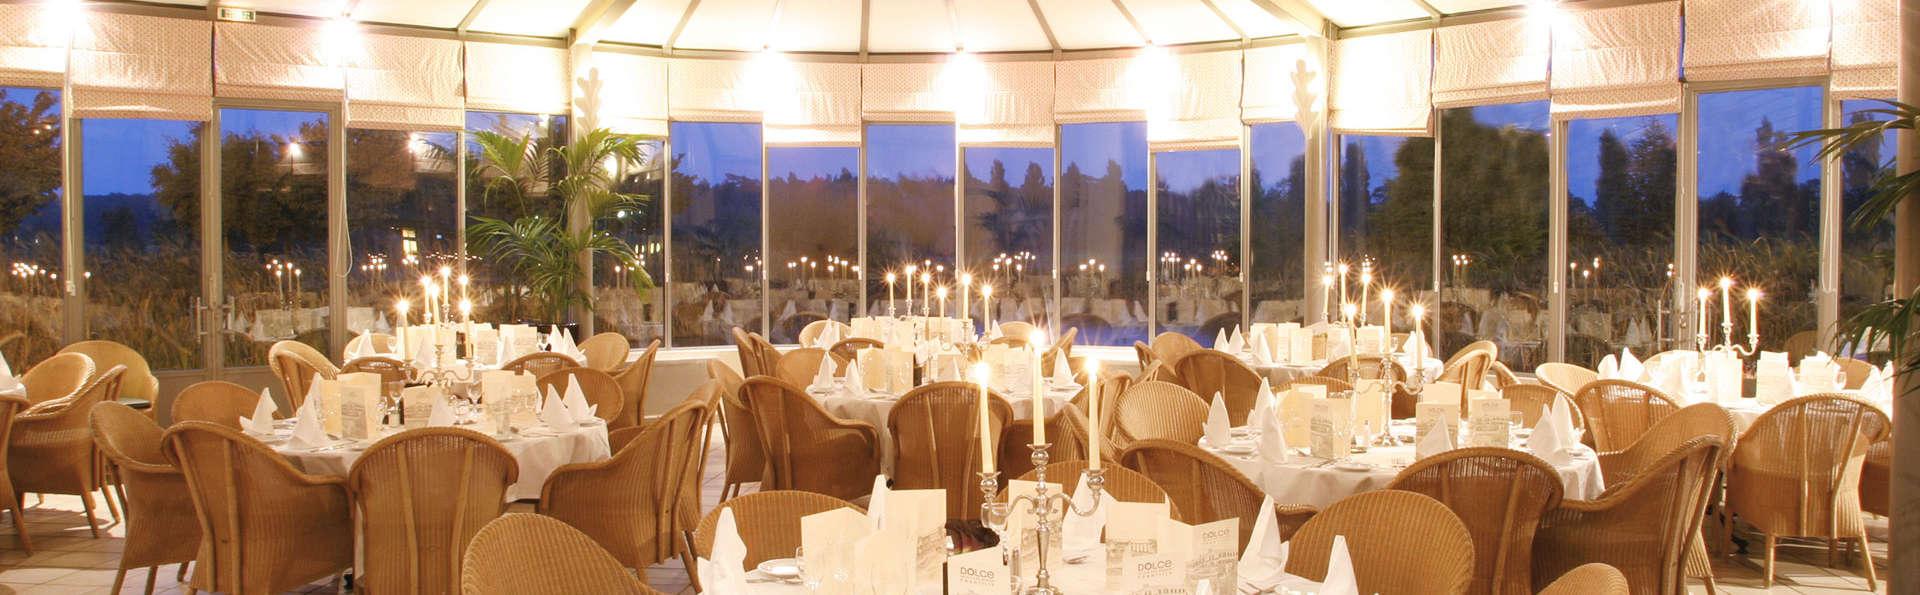 Week-end détente avec dîner à 40 minutes de Paris